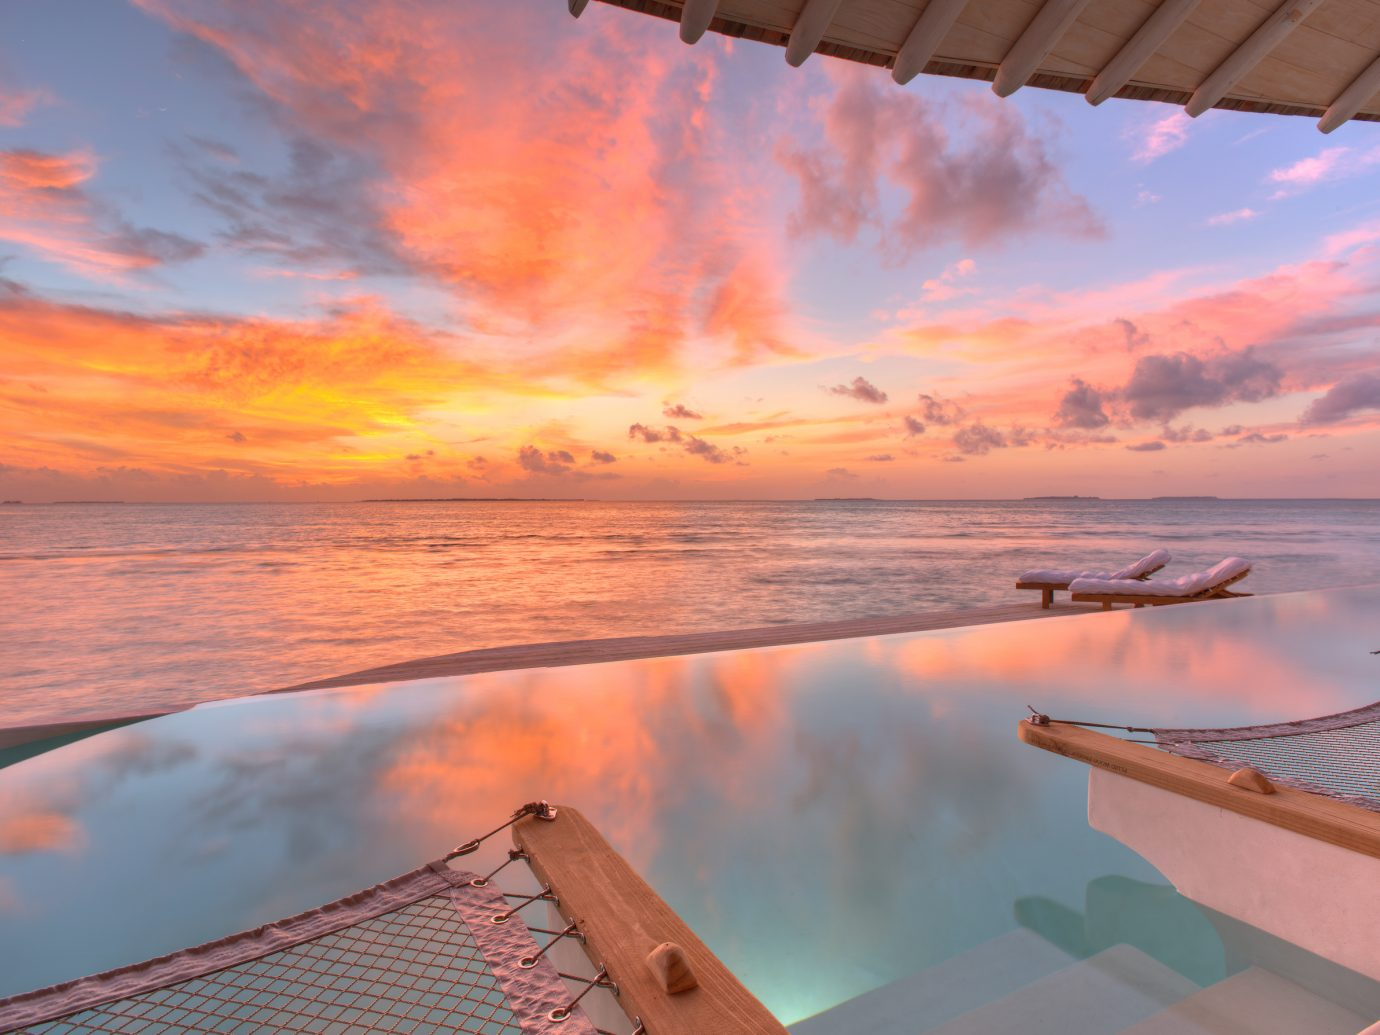 Sunset view at Soneva Jani Resort